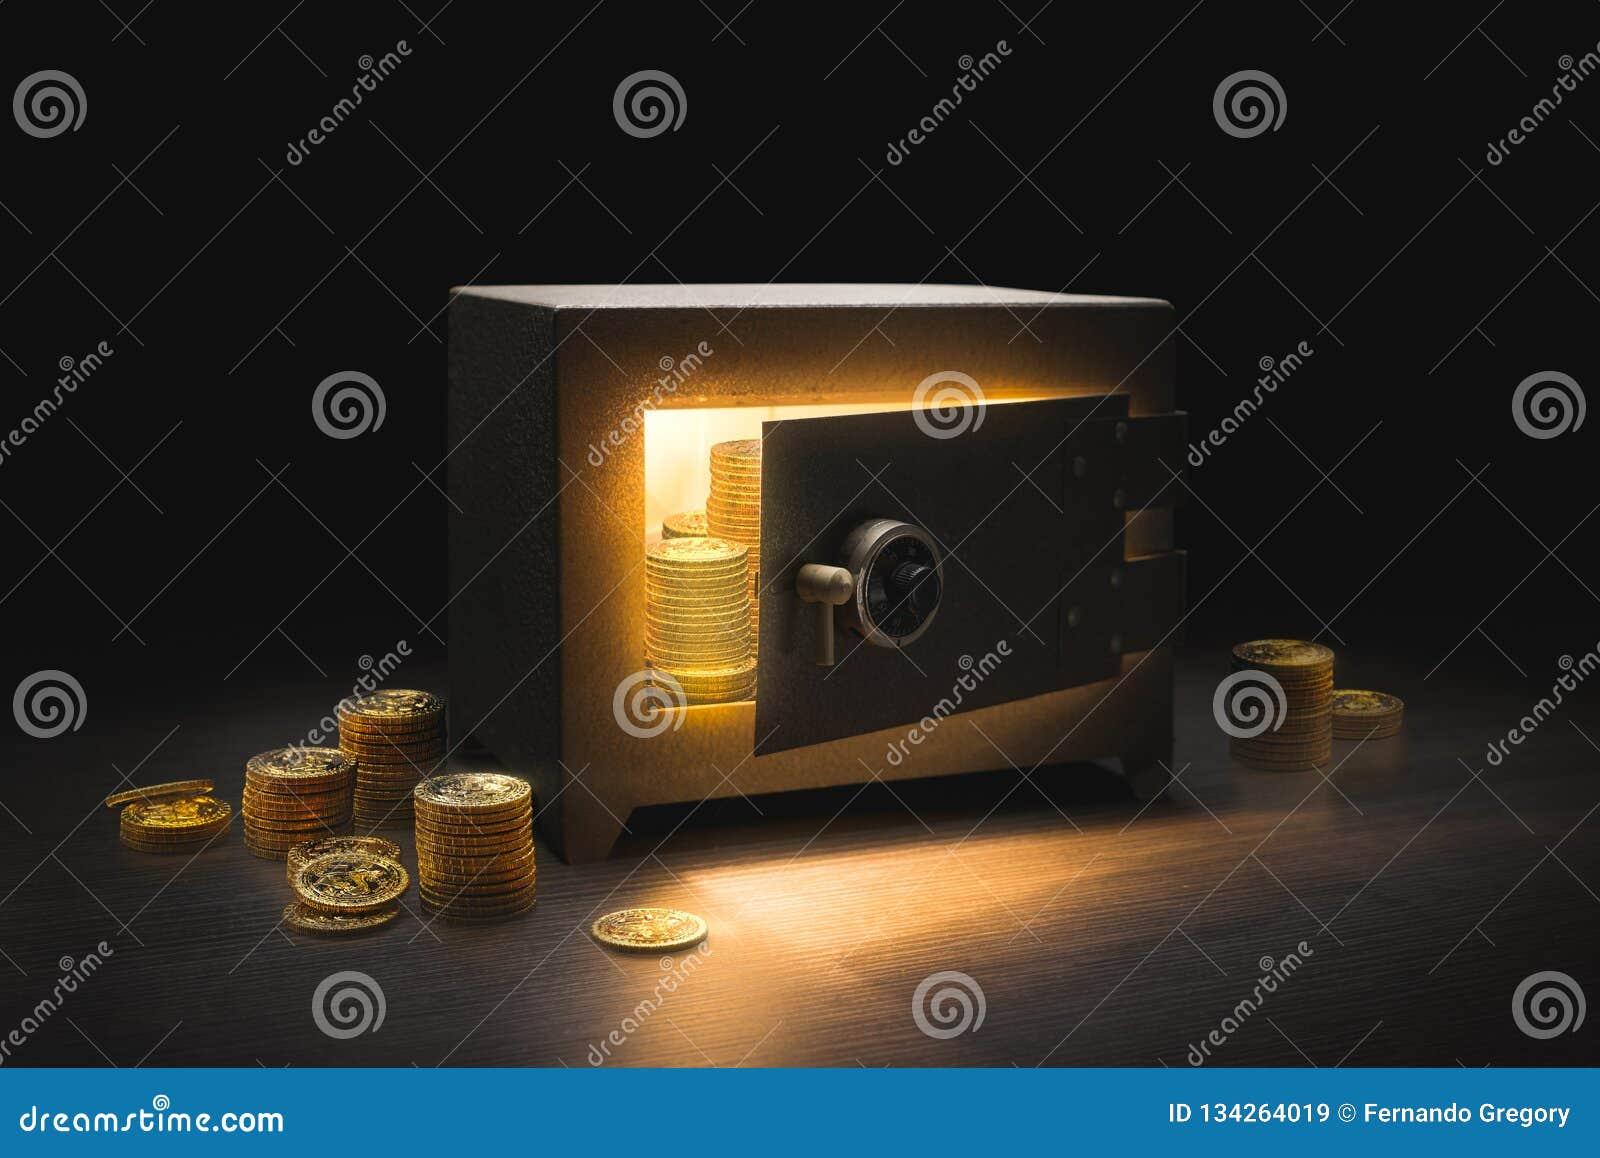 在黑暗的背景的钢银行保险柜